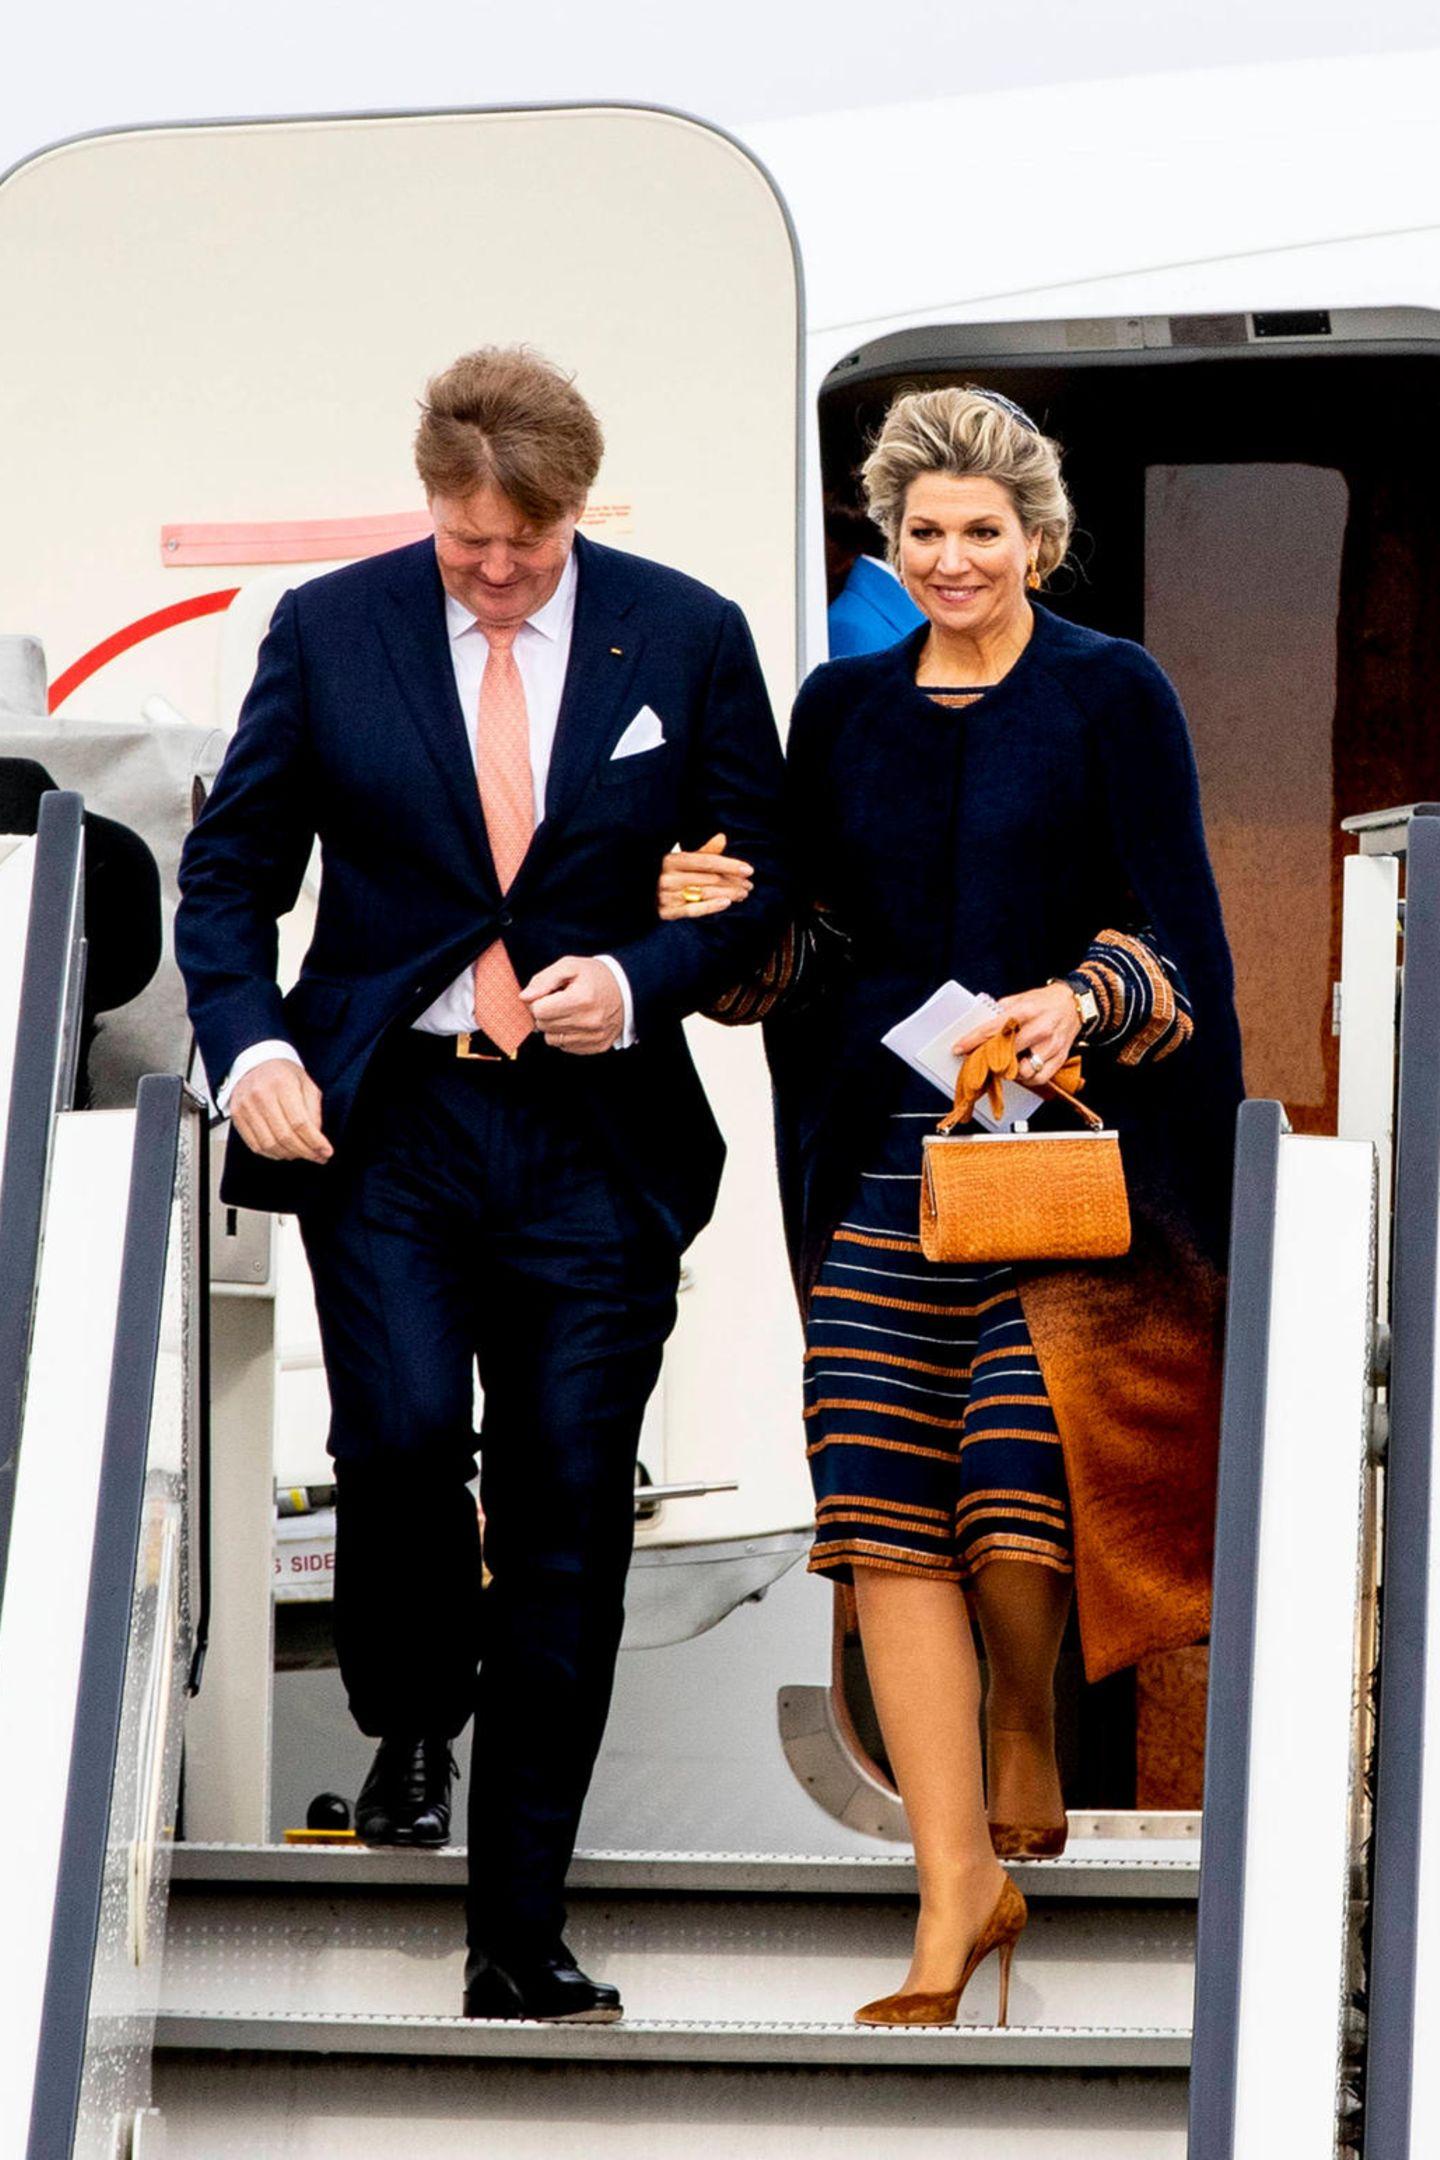 König Willem-Alexander und seine Frau Königin Máxima sind für einen eintägigen Besuch in Bremen gelandet.